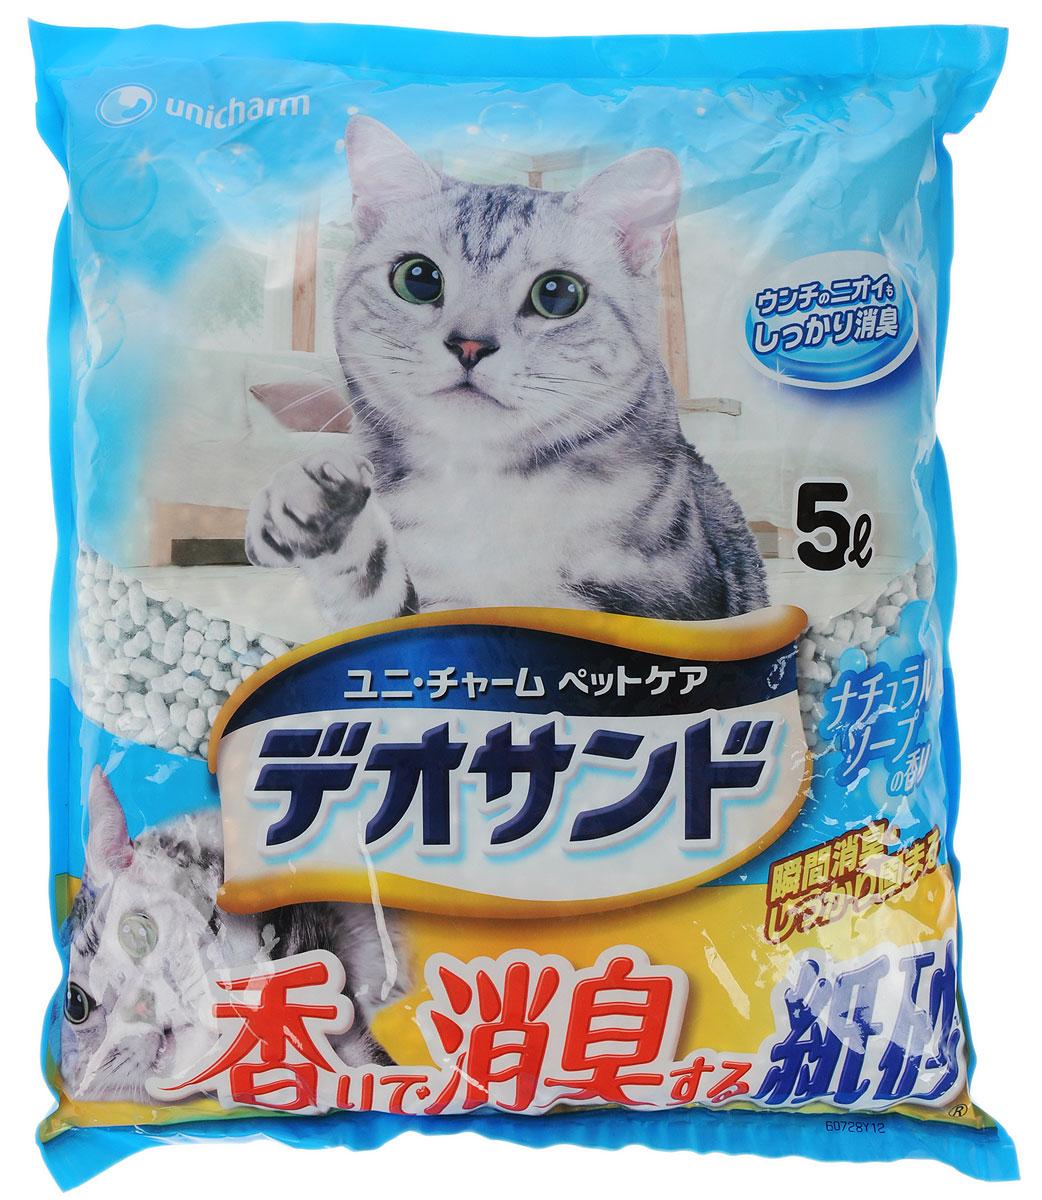 Наполнитель для кошачьего туалета Unicharm DeoSand Kamisuna, с ароматом душистого мыла, 5 л676836Бумажный наполнитель для кошачьего туалета Unicharm DeoSand Kamisuna обеспечивает мощное дезодорирующее действие в течение длительного времени, полностью устраняет запах кошачьих экскрементов. Мгновенно впитывает влагу и собирается в твердые комочки. При поглощении влаги наполнитель меняет цвет, благодаря чему его можно своевременно обнаружить и удалить. Наполнитель производится из экологически чистых природных материалов. Изделие содержит специальные ароматизированные гранулы, которые предотвращают распространение запахов даже в закрытом помещении. Наполнитель Unicharm DeoSand Kamisuna надолго обеспечивает чистоту и свежесть лотка вашей кошки. Приятный аромат душистого мыла создает длительное ощущение свежести после использования. Состав: вторичная целлюлоза, абсорбирующий полимер, крахмал, ароматизатор. Товар сертифицирован.